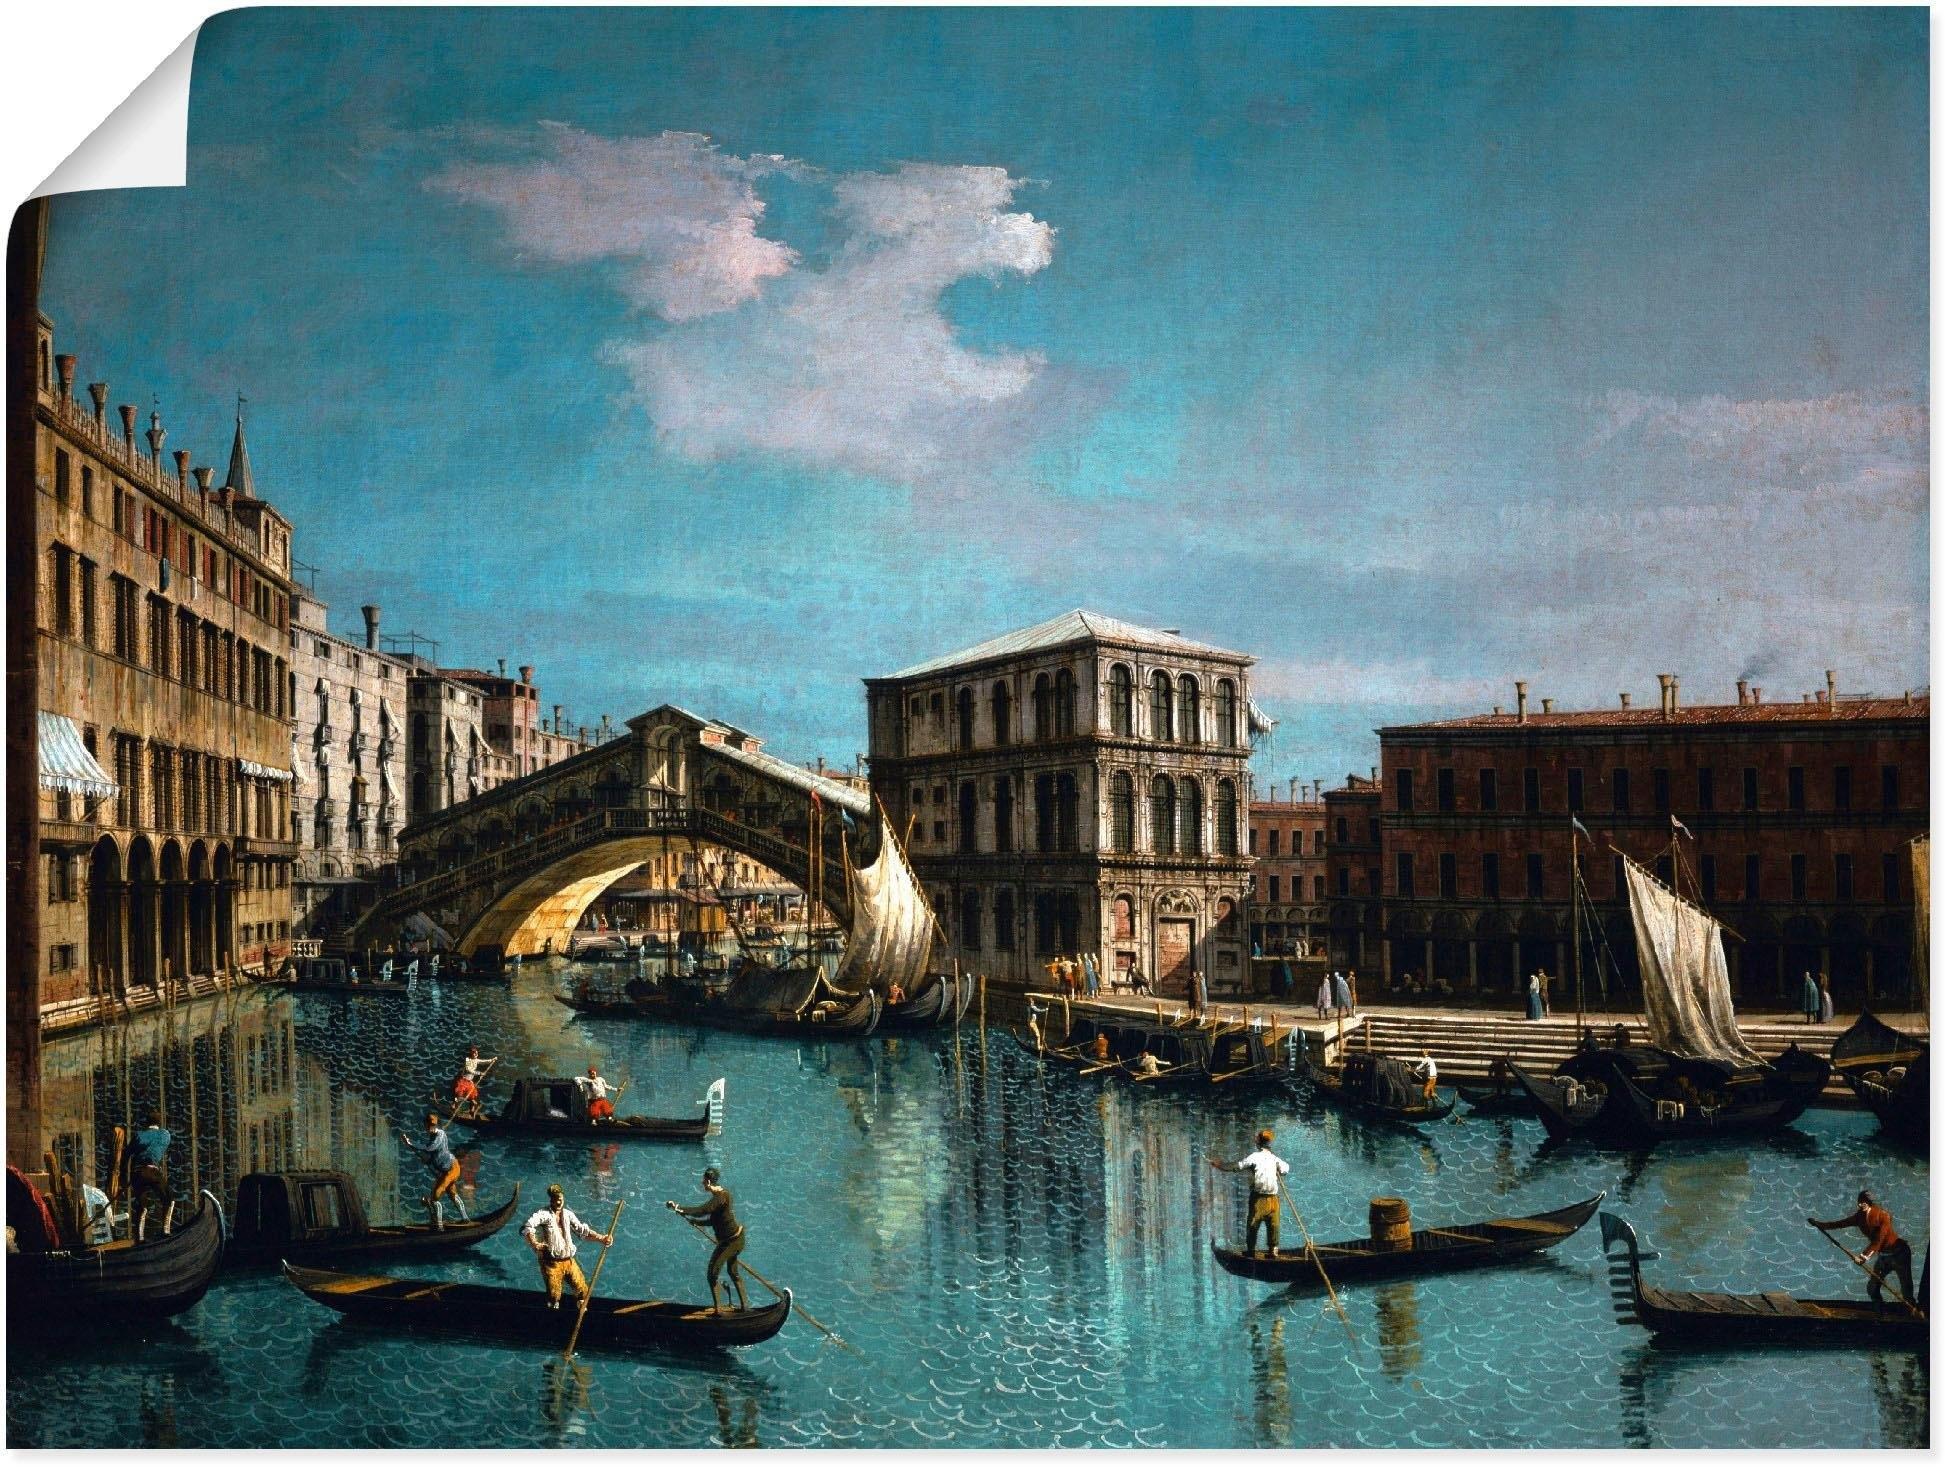 Artland artprint »Die Rialtobrücke in Venedig« goedkoop op otto.nl kopen